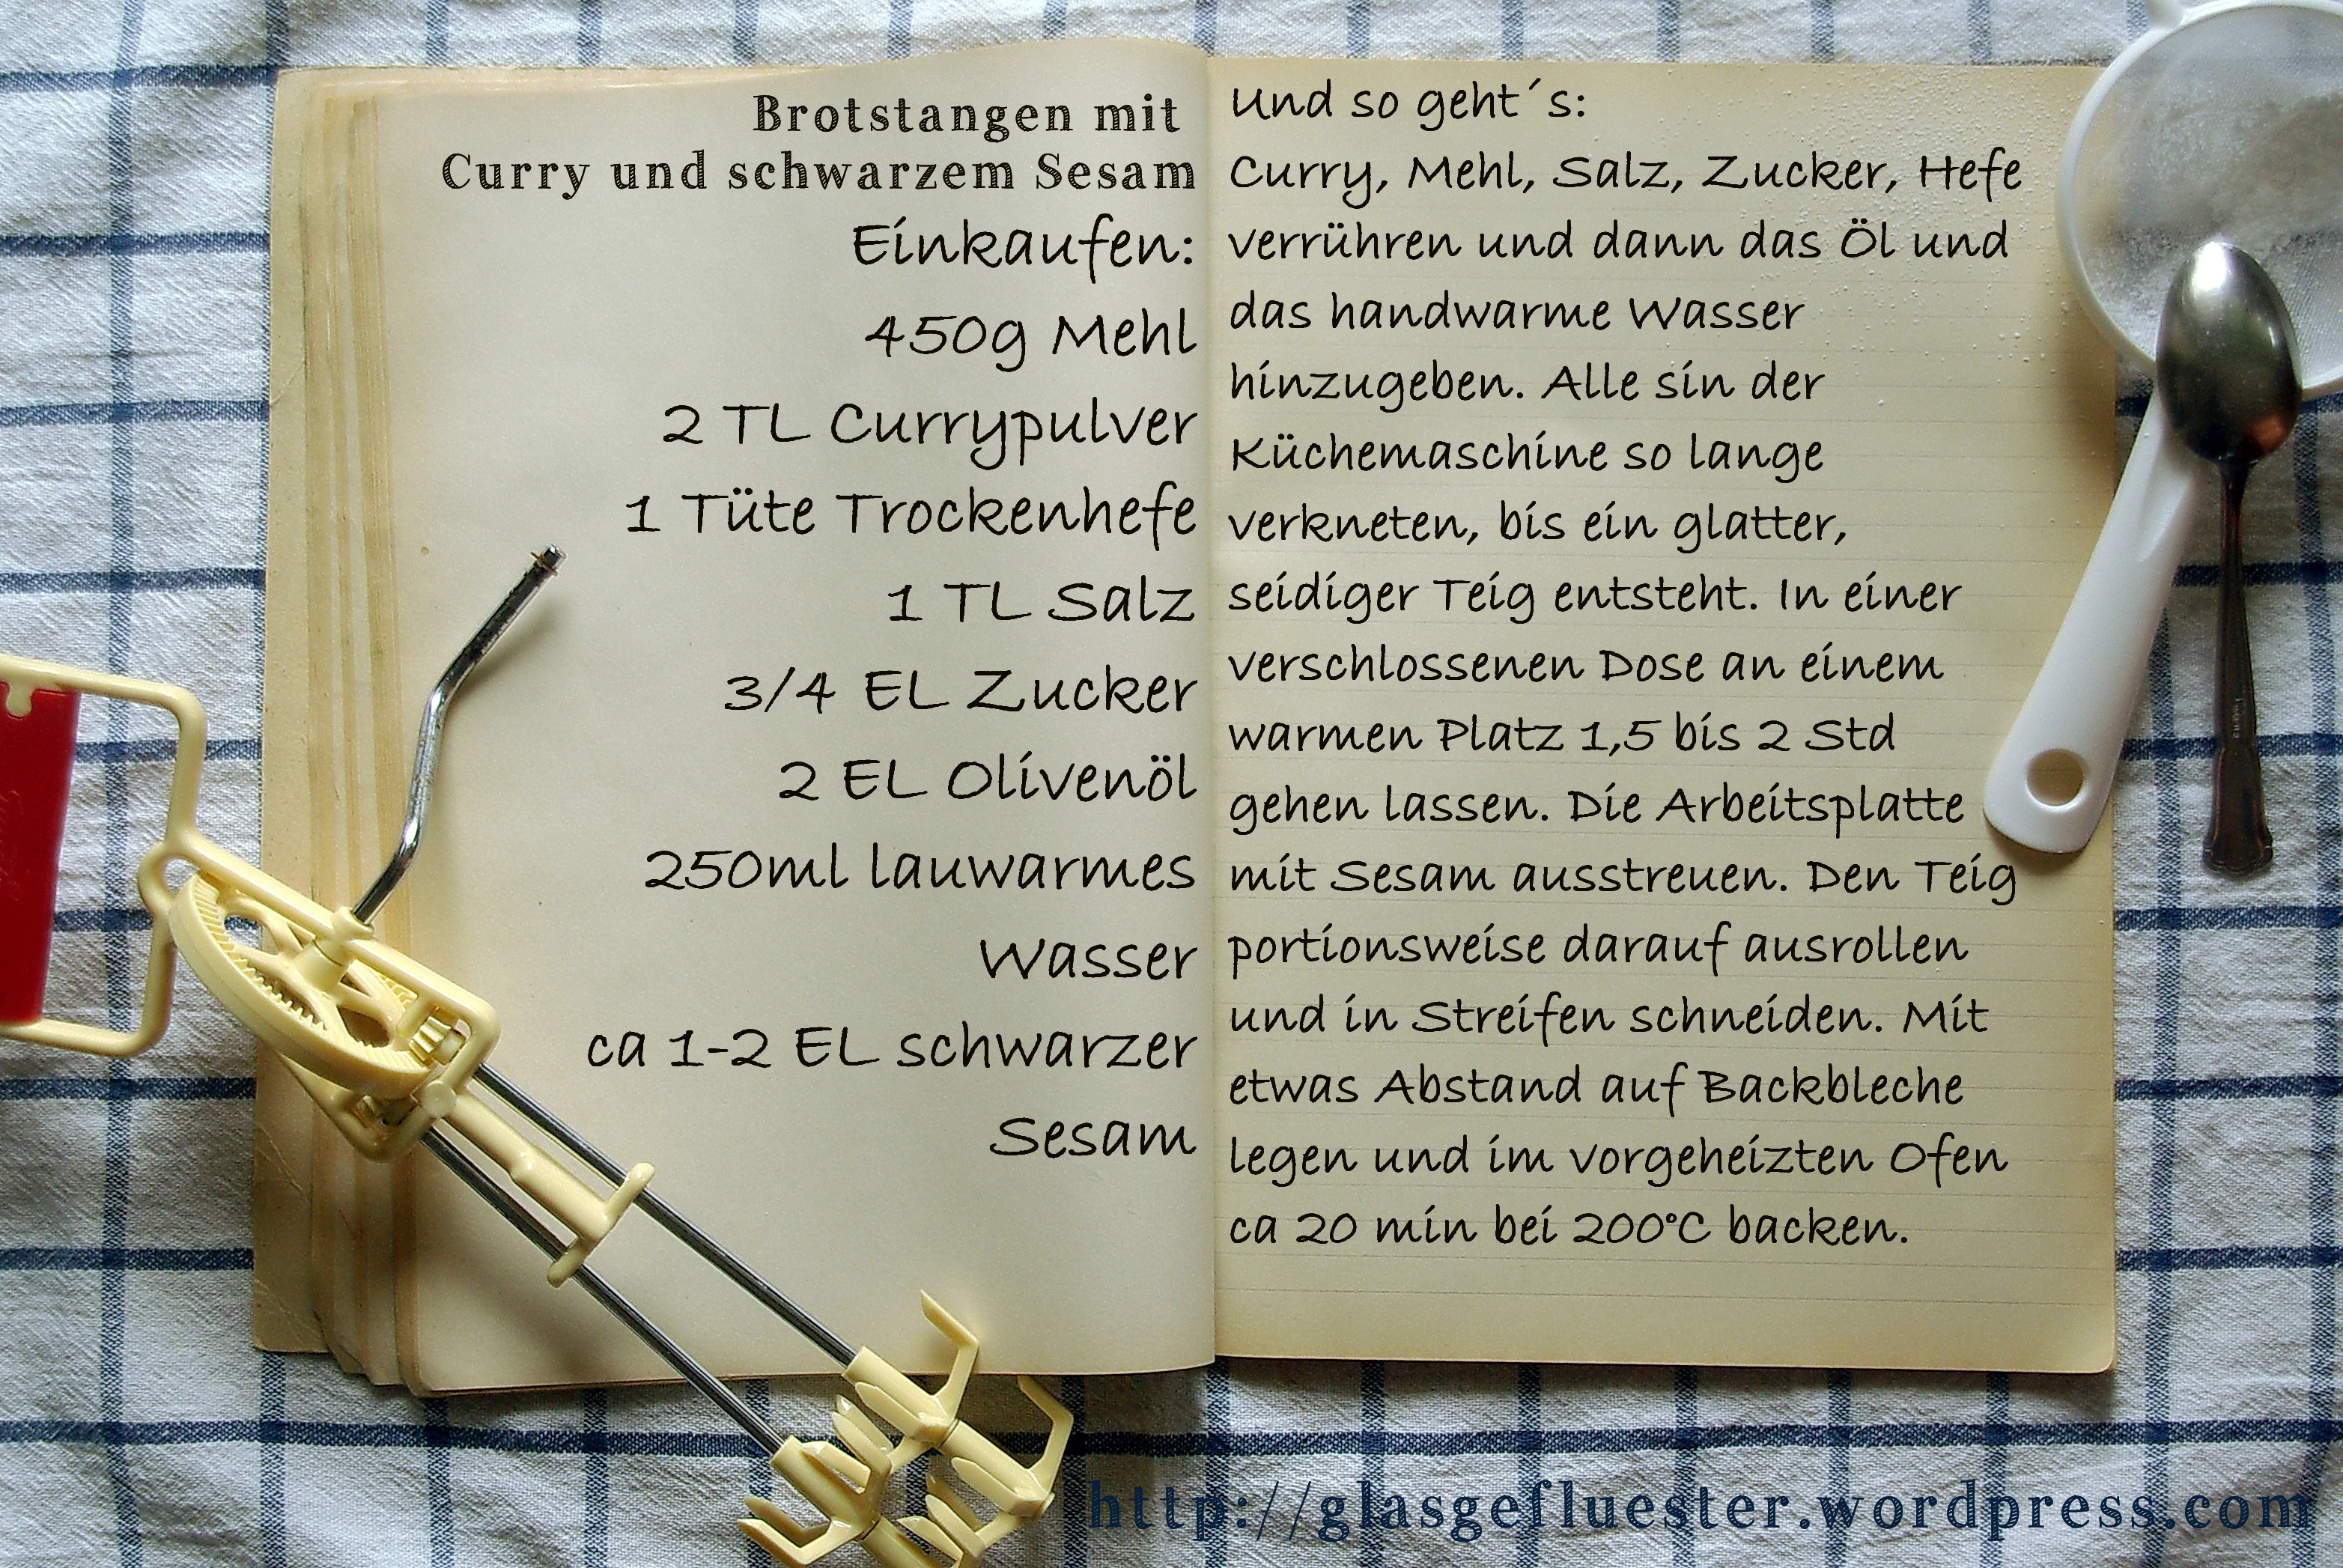 Einkaufszettel Curry Brotstangen by Glasgefluester